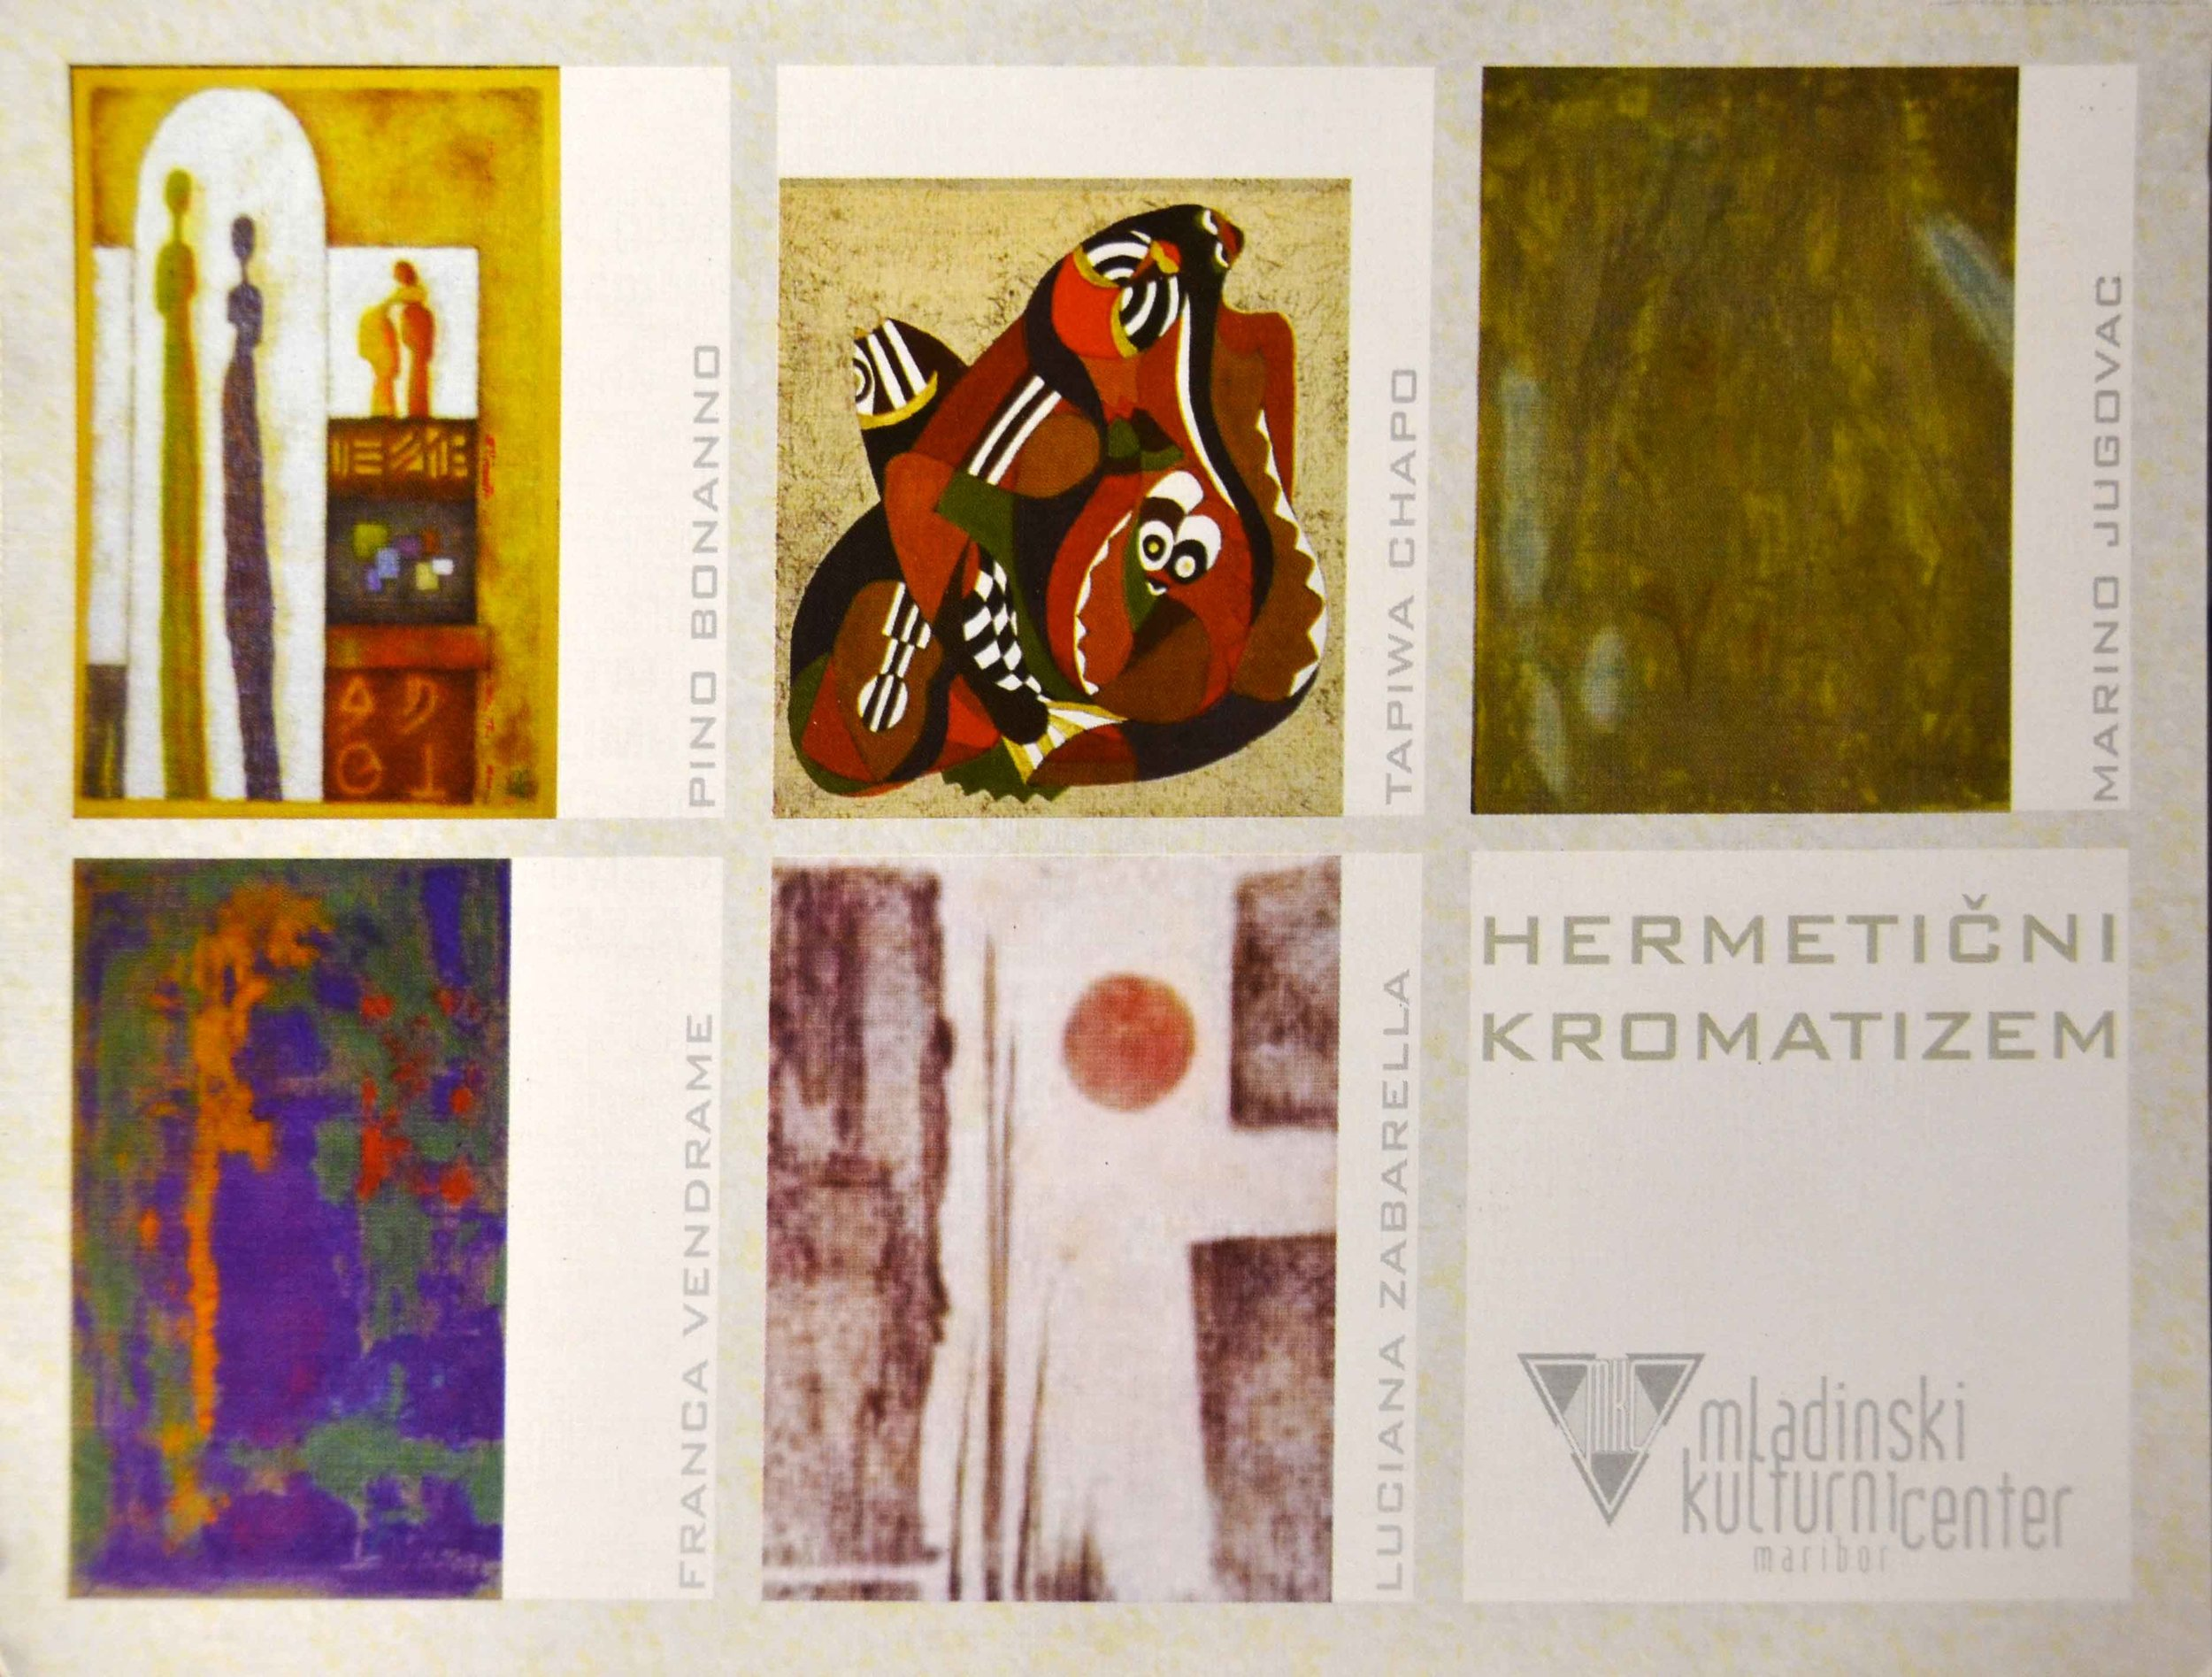 Mednarodna skupinska razstava umetnikov gibanja Hermetični kromatizem